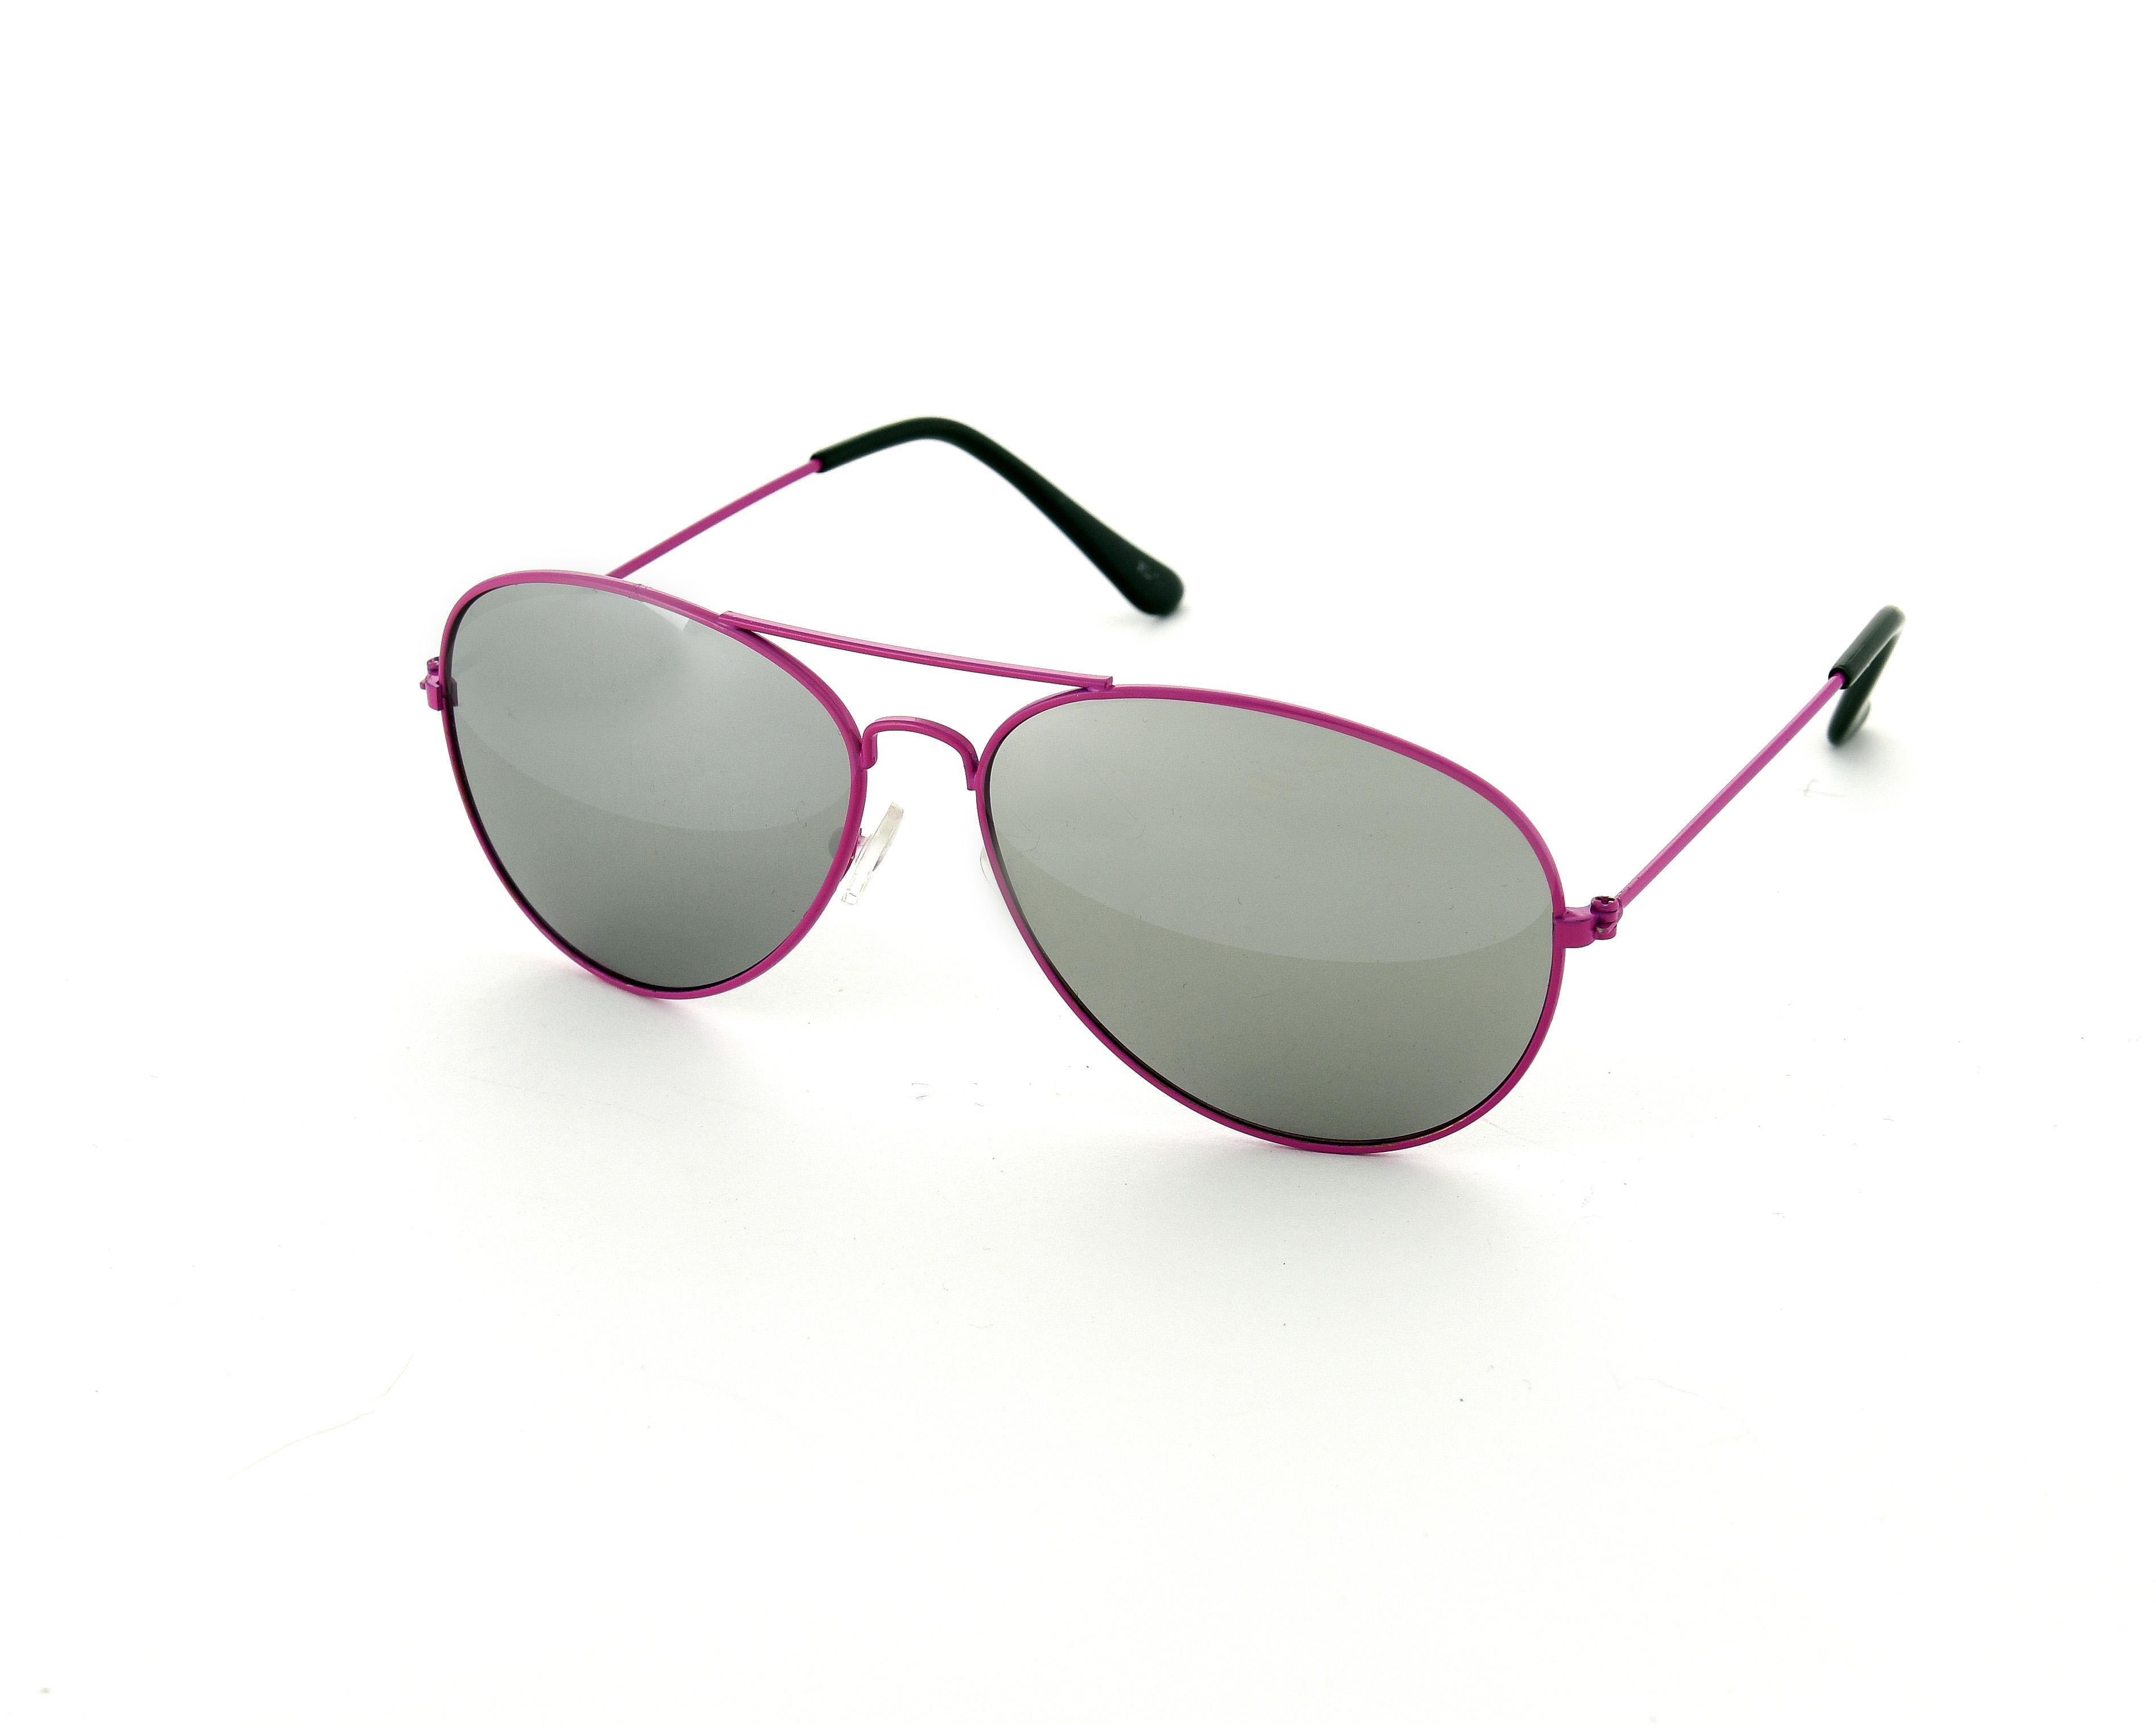 Aviator Silver Mirror Fashion Sunglasses UV400 Unisex Mens Ladies Shades